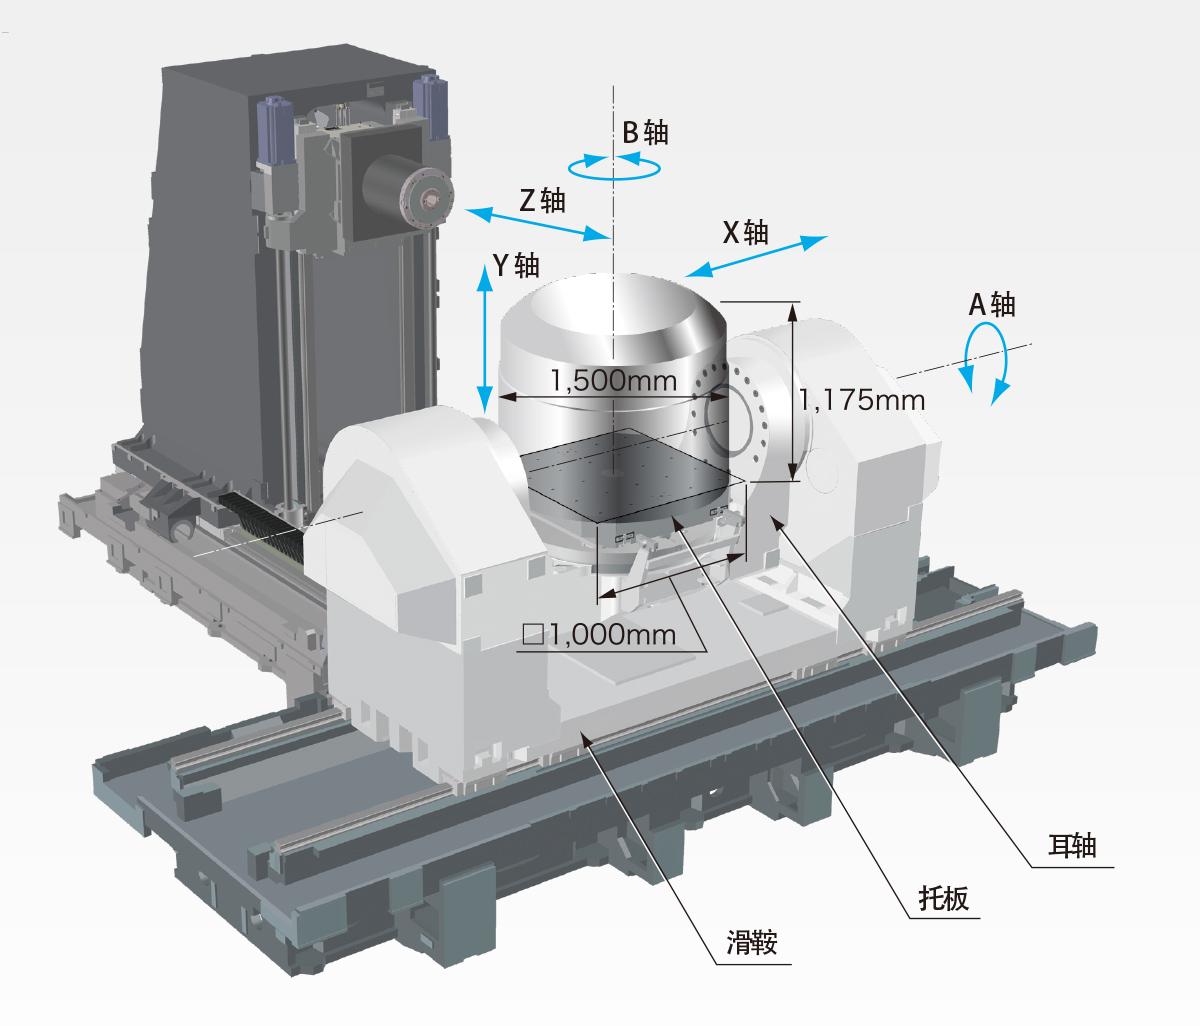 依靠5轴加工提高大型复杂形状零部件的生产率 ø1,500mm 1,175mm □1,000mm